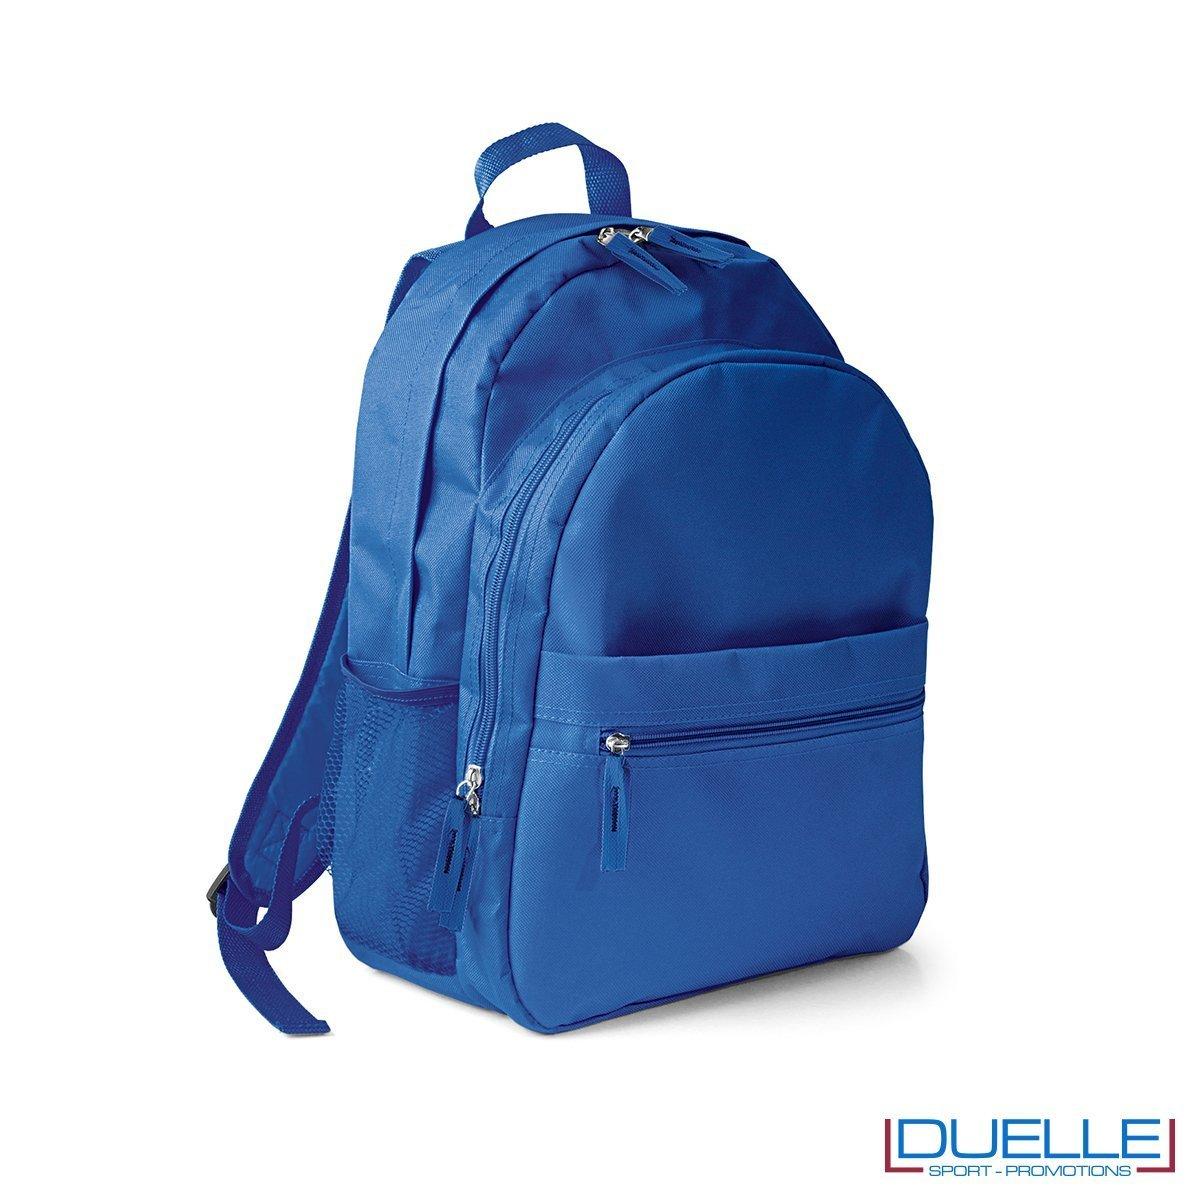 zaino personalizzato blu royal, zaino per lo sport e il tempo libero - zaino economico personalizzato grigio